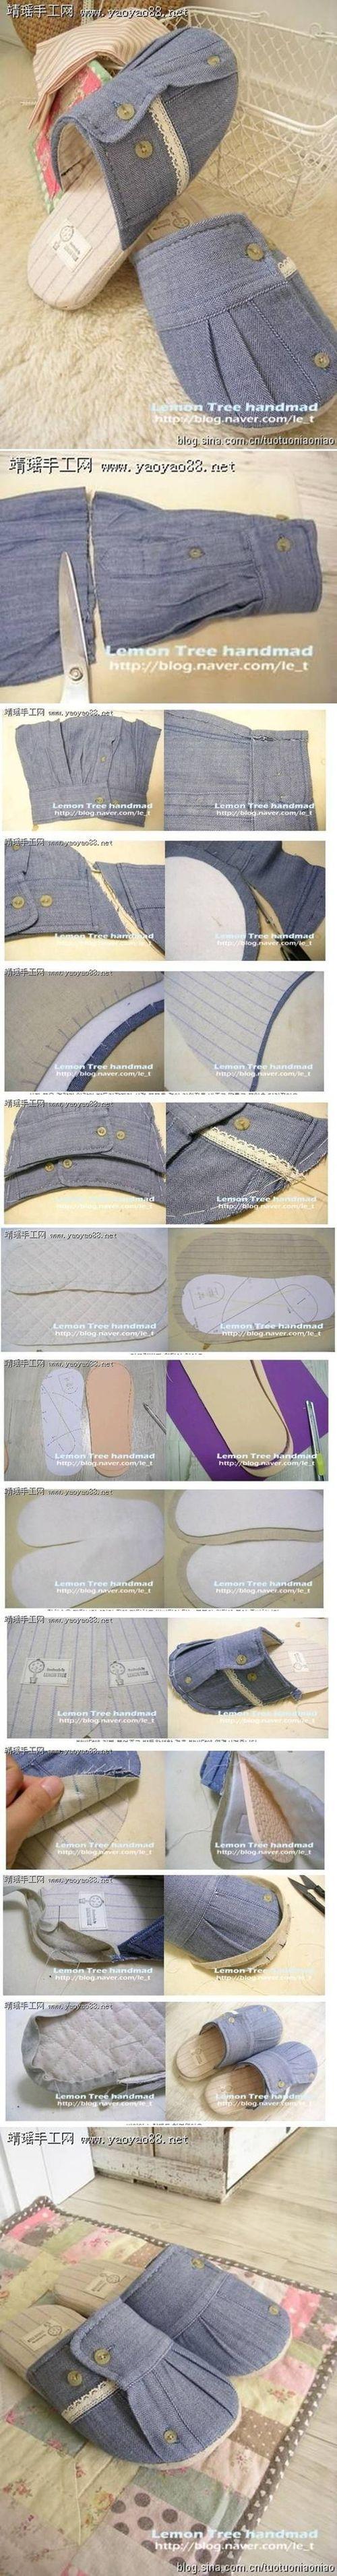 DIY Old Clothes Cuff Slipper DIY Projects / UsefulDIY.com